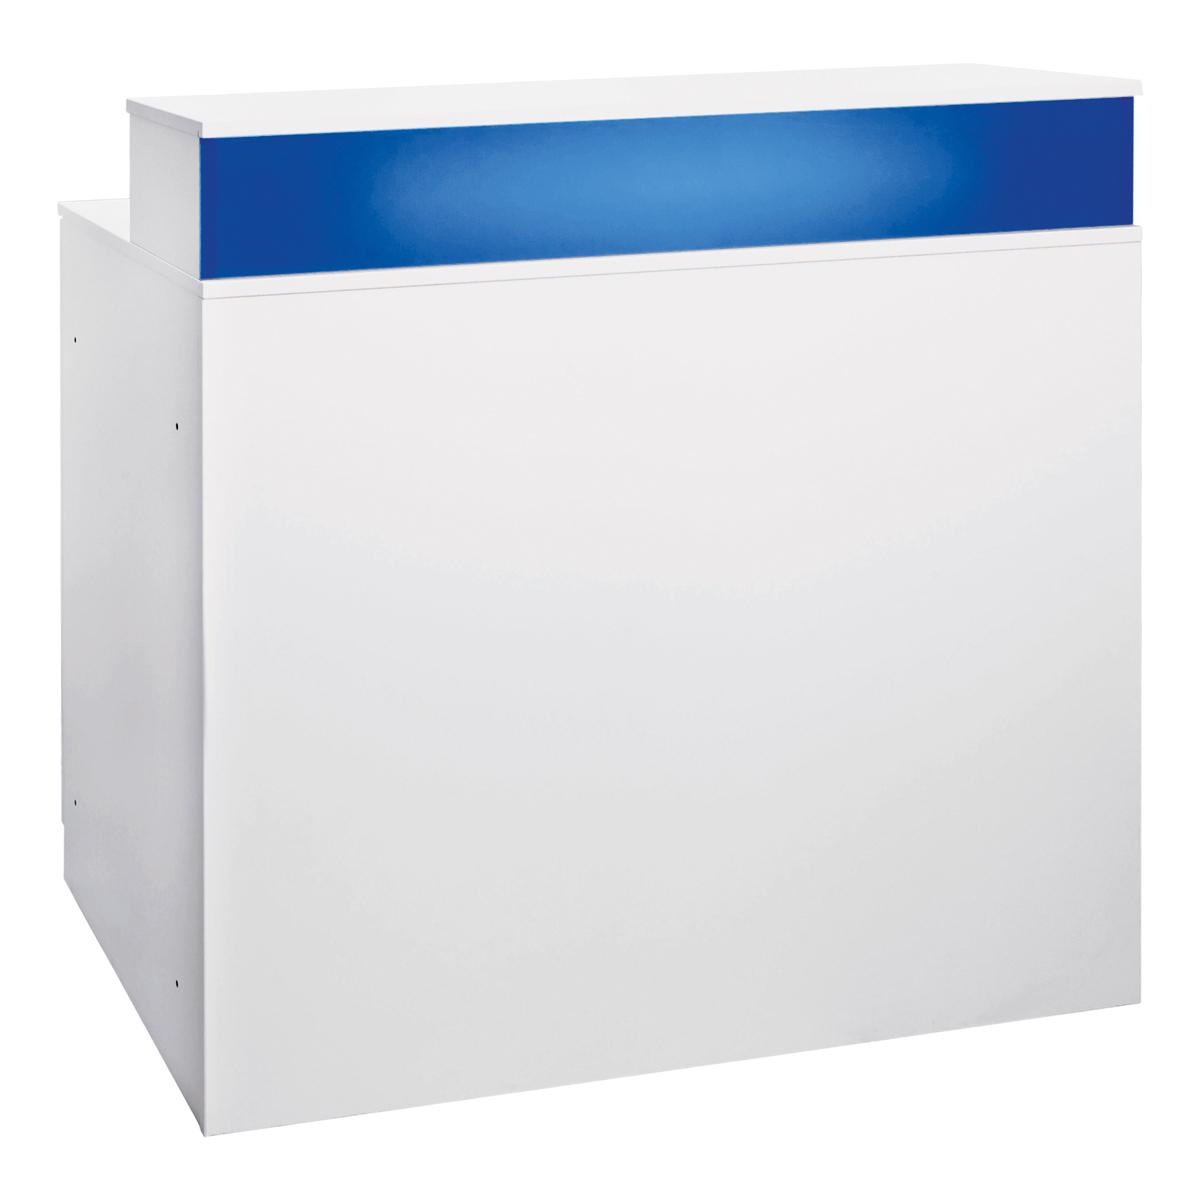 Theke Bianco, weiß-blau